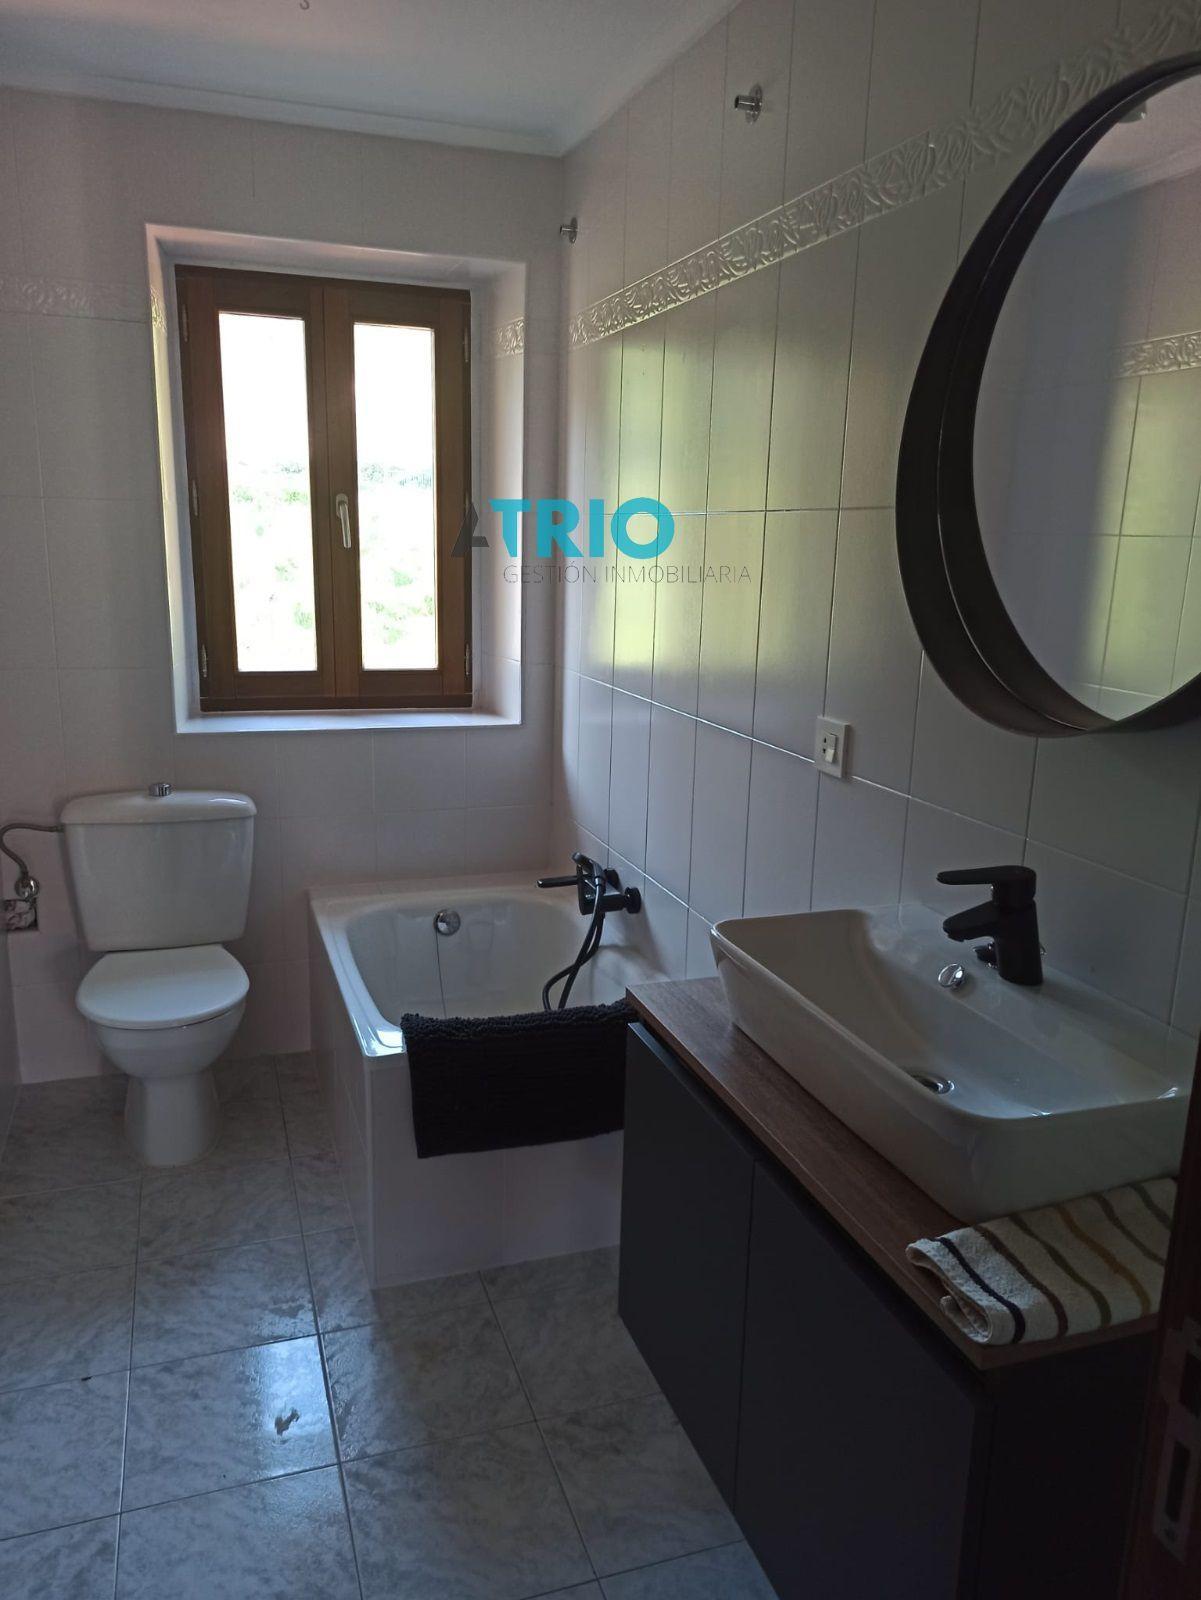 dia.mobiliagestion.es/Portals/inmoatrio/Images/7451/6489986